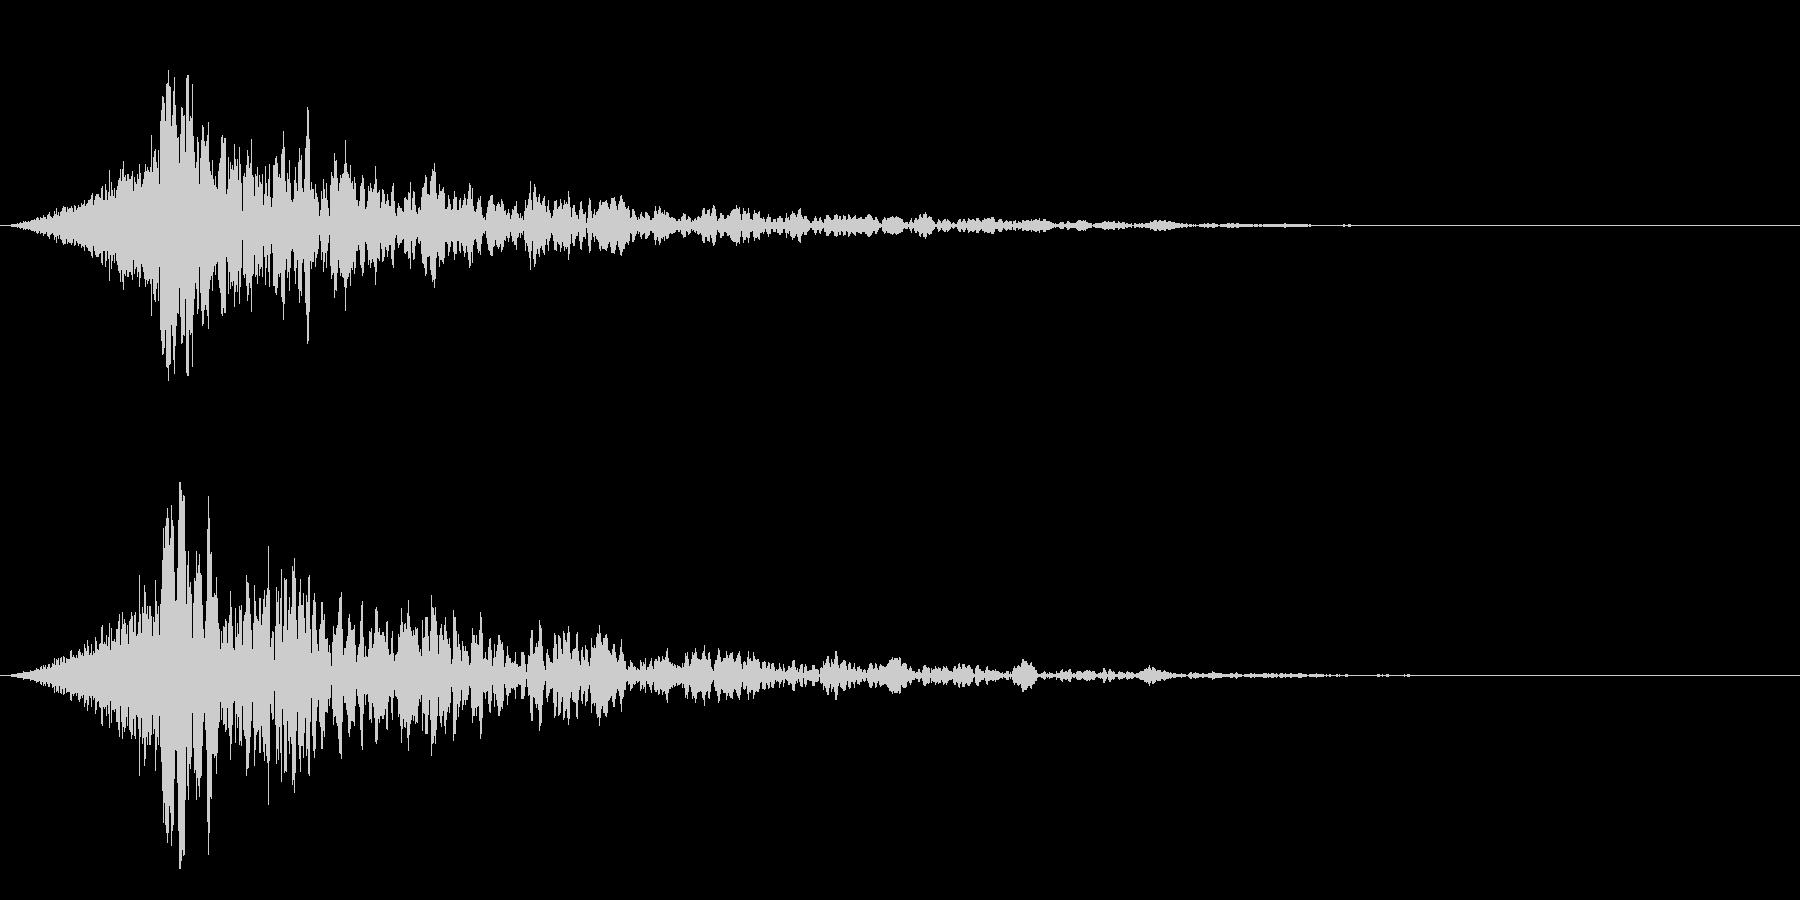 シュードーン-18-4(インパクト音)の未再生の波形